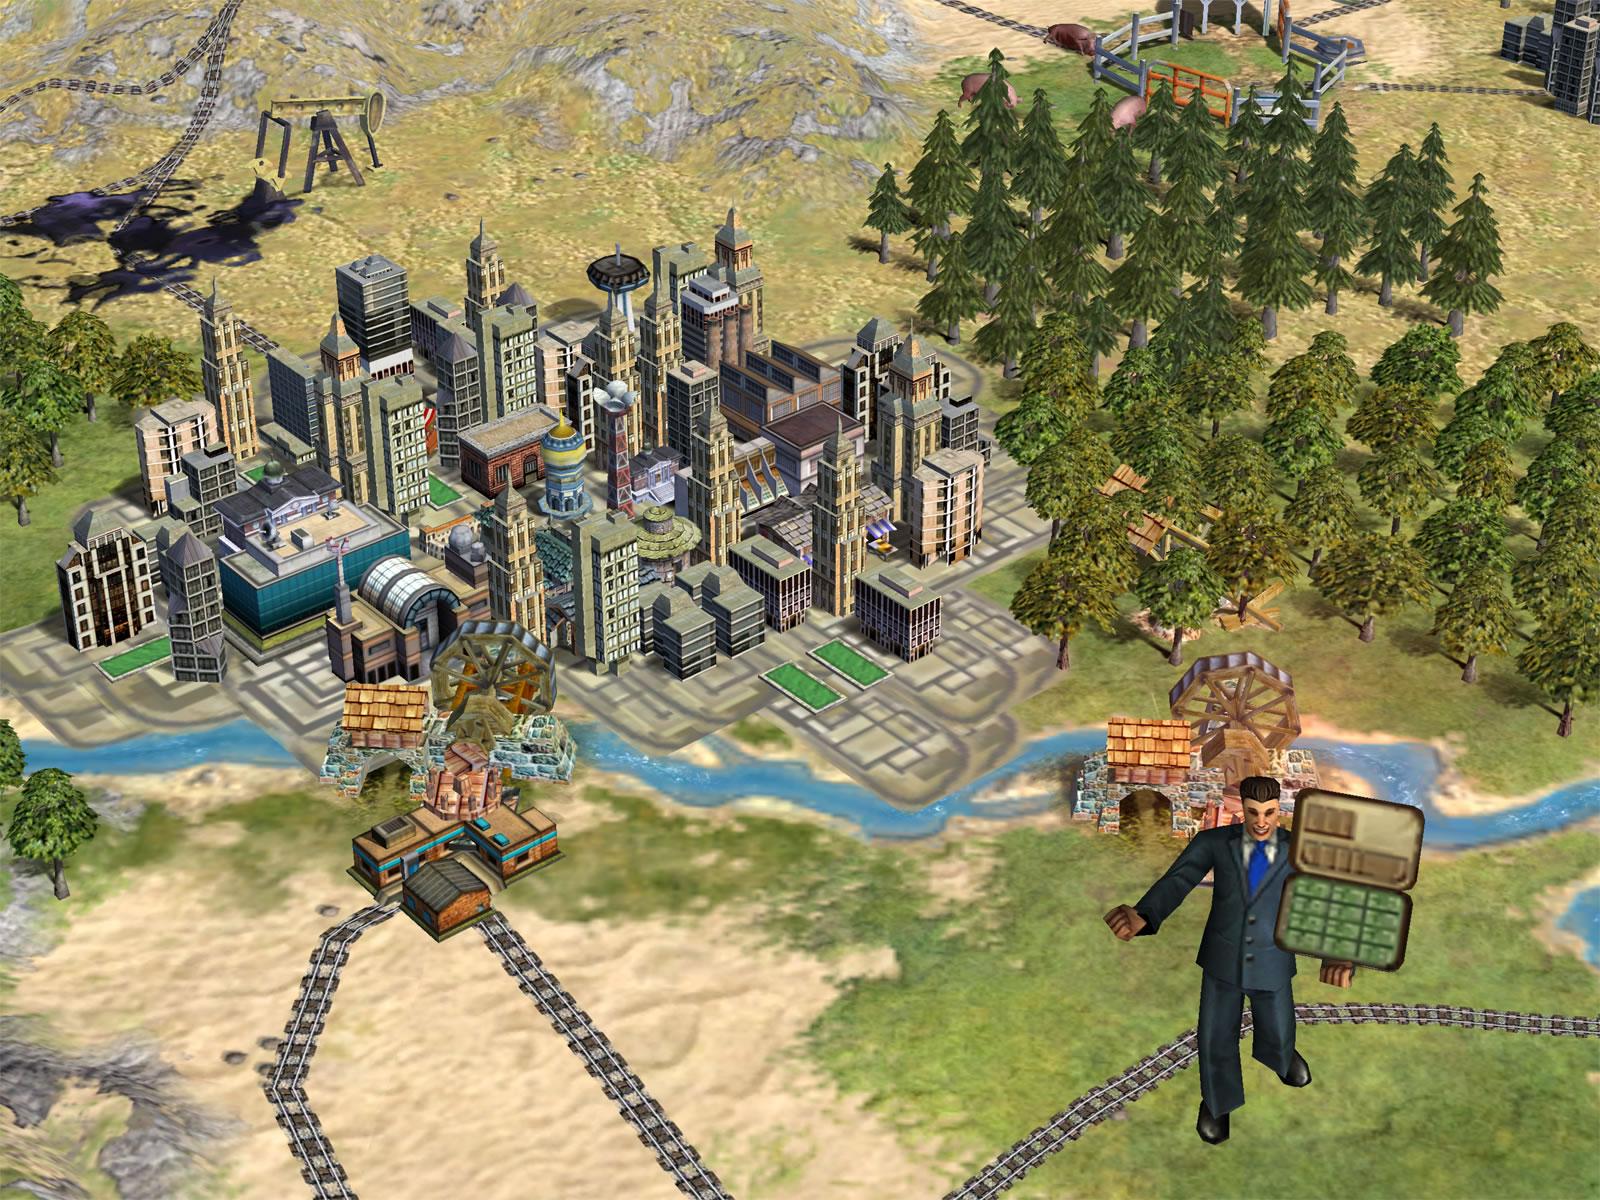 Civilization Game Free Download Civ 5 Full Download - autolinoa